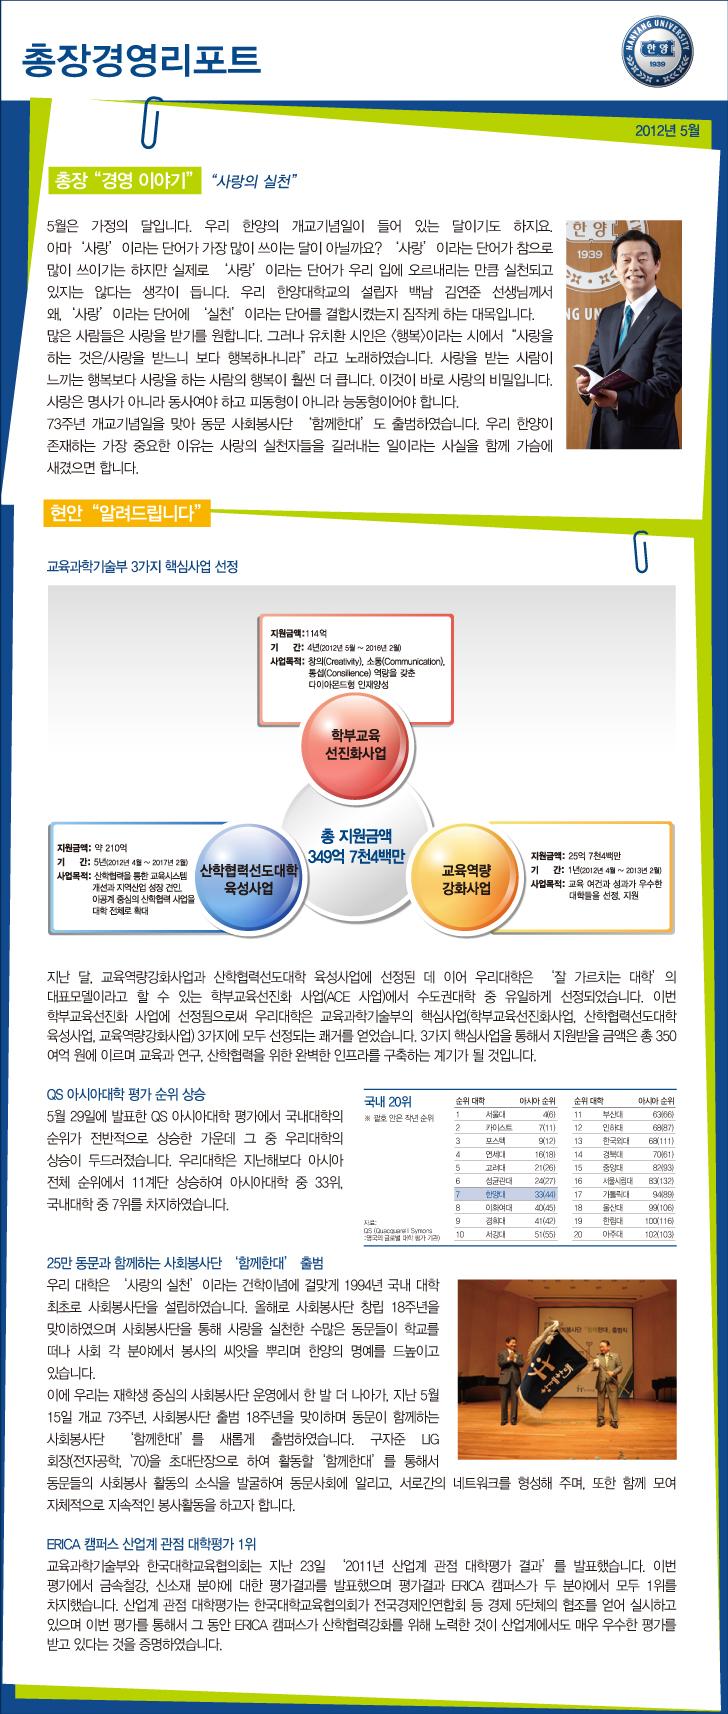 총장경영리포트 2012년 5월호